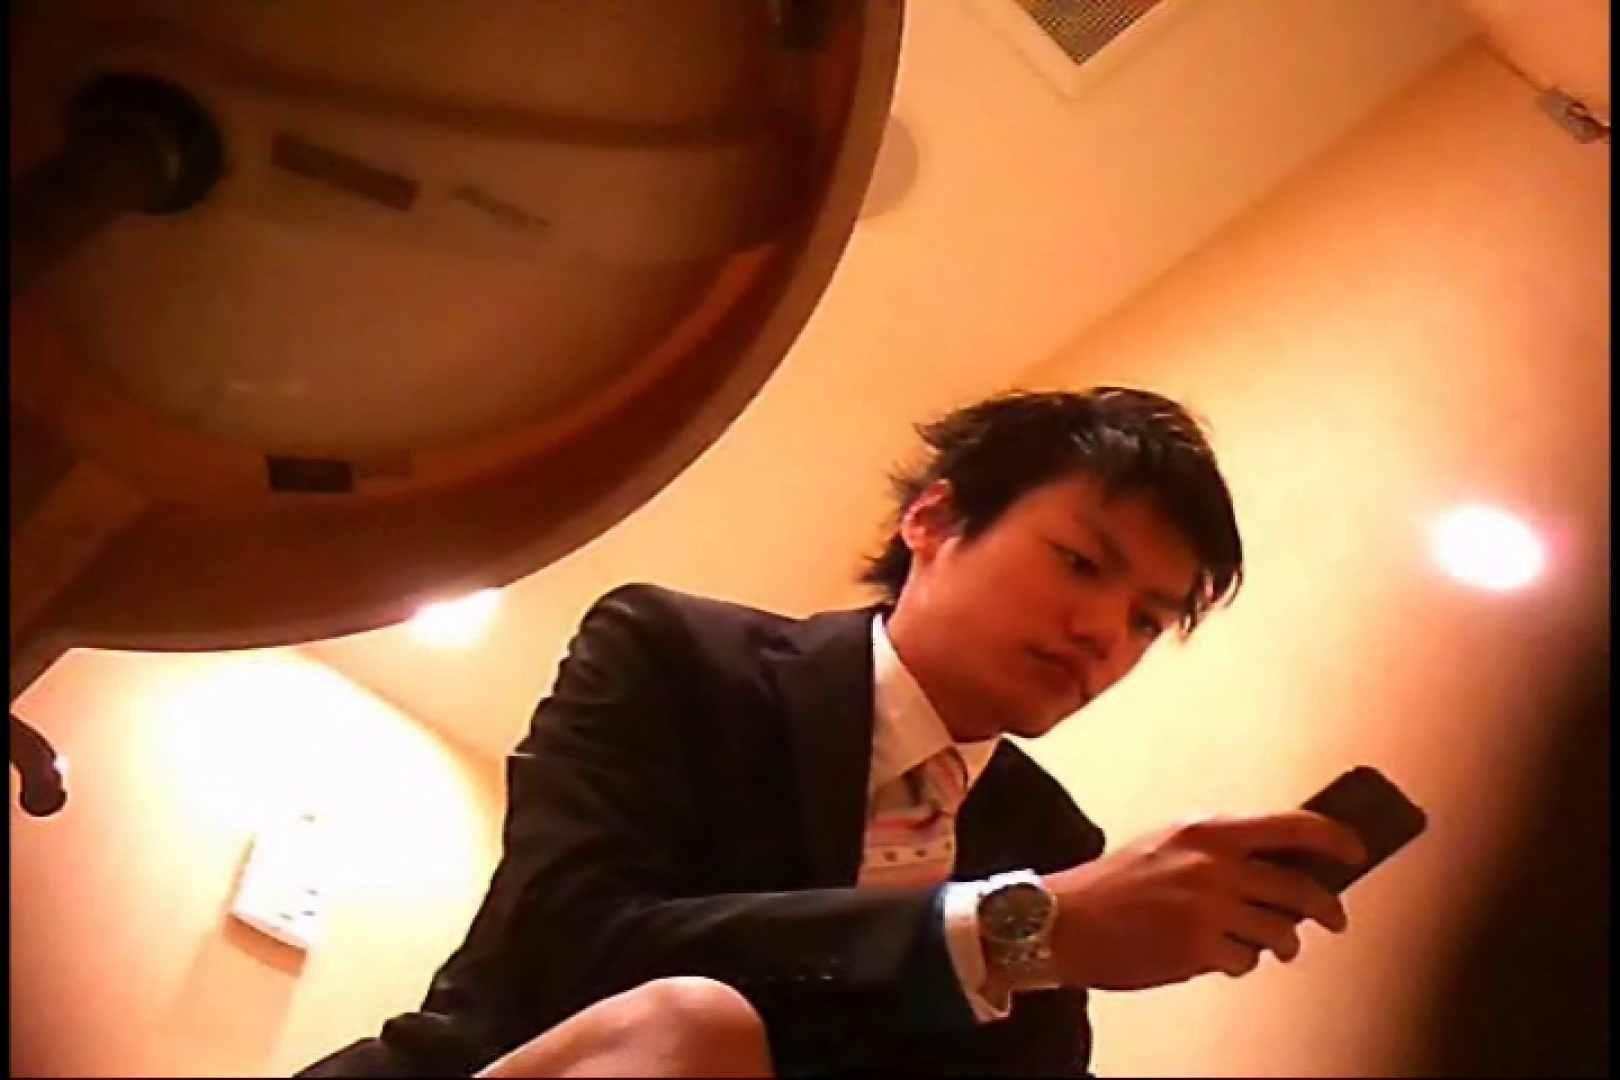 Gボーイ初投稿!掴み取りさんの洗面所覗き!in新幹線!VOL.04 スーツボーイズ   のぞき  65pic 1